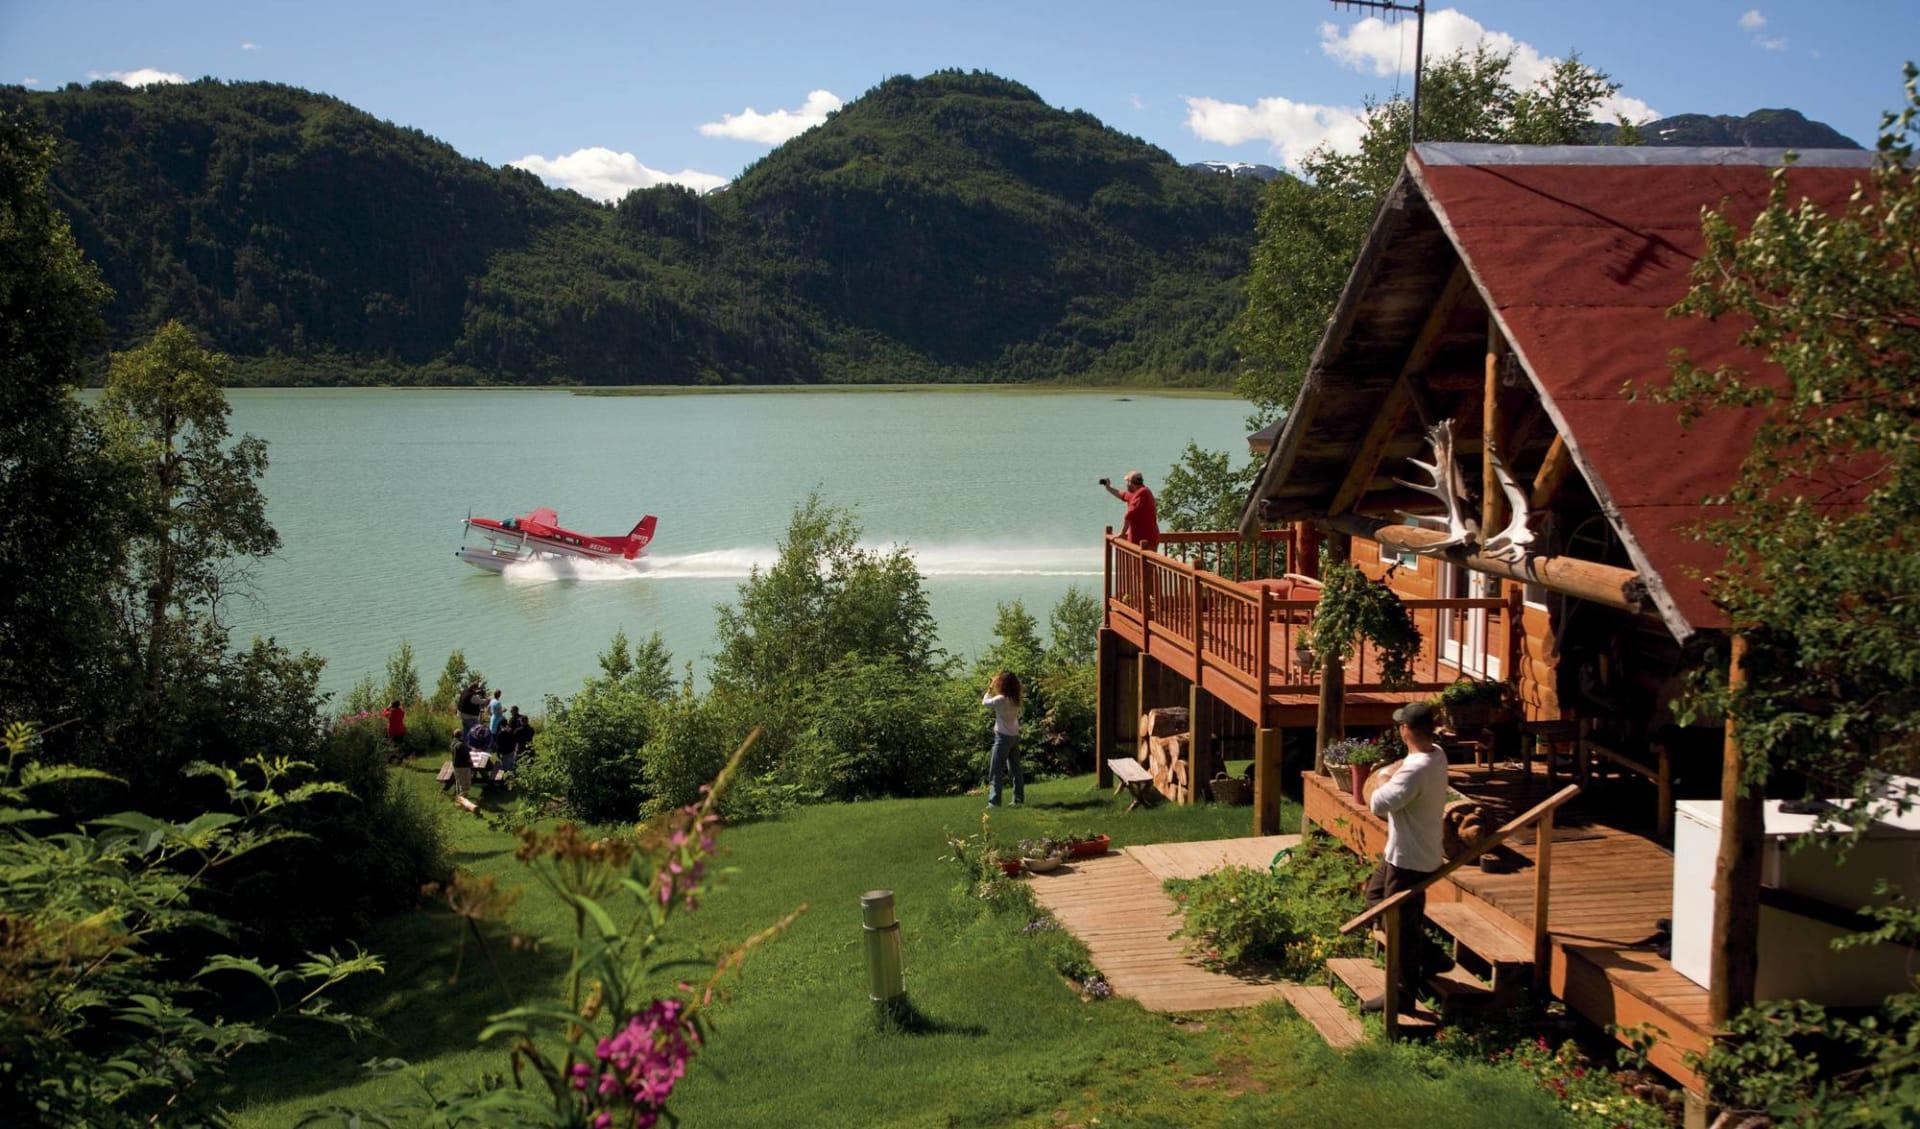 Redoubt Bay Lodge: Alaska - Redoubt Bay Lodge - Hauptgebäude